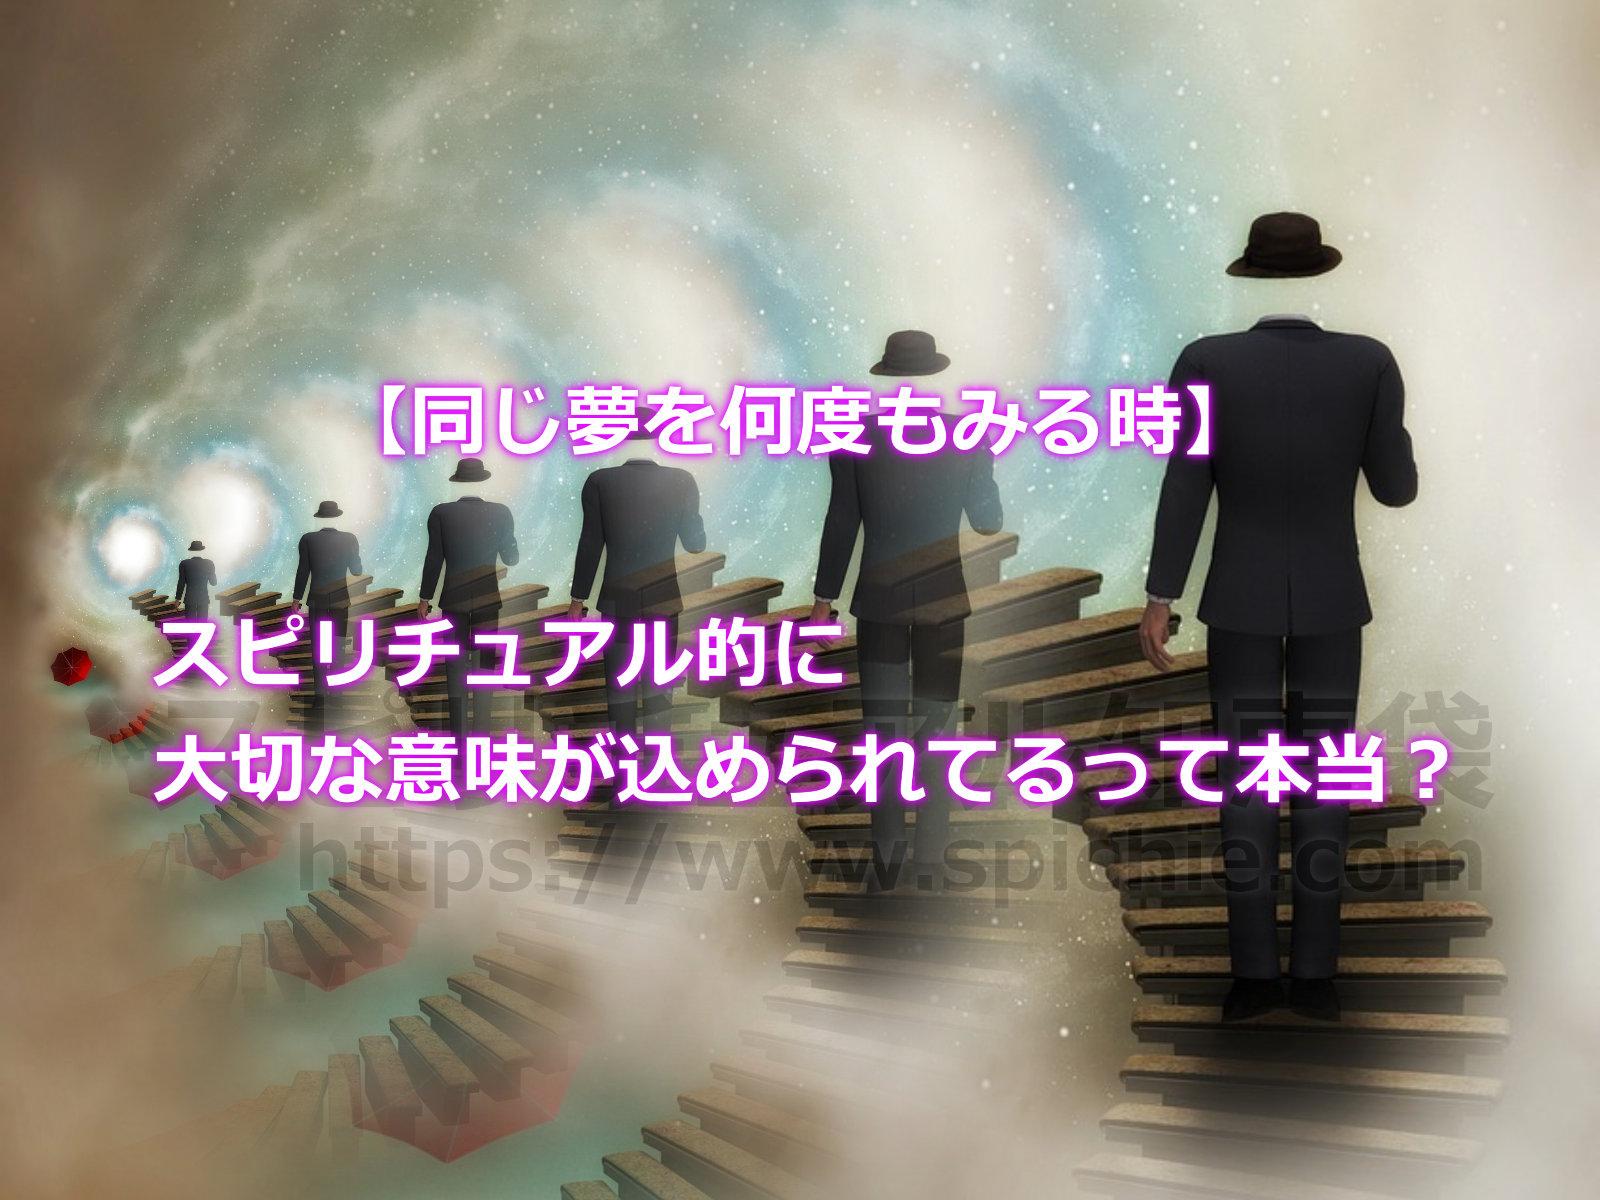 【同じ夢を何度もみる時】スピリチュアル的に大切な意味が込められてるって本当?のアイキャッチ画像